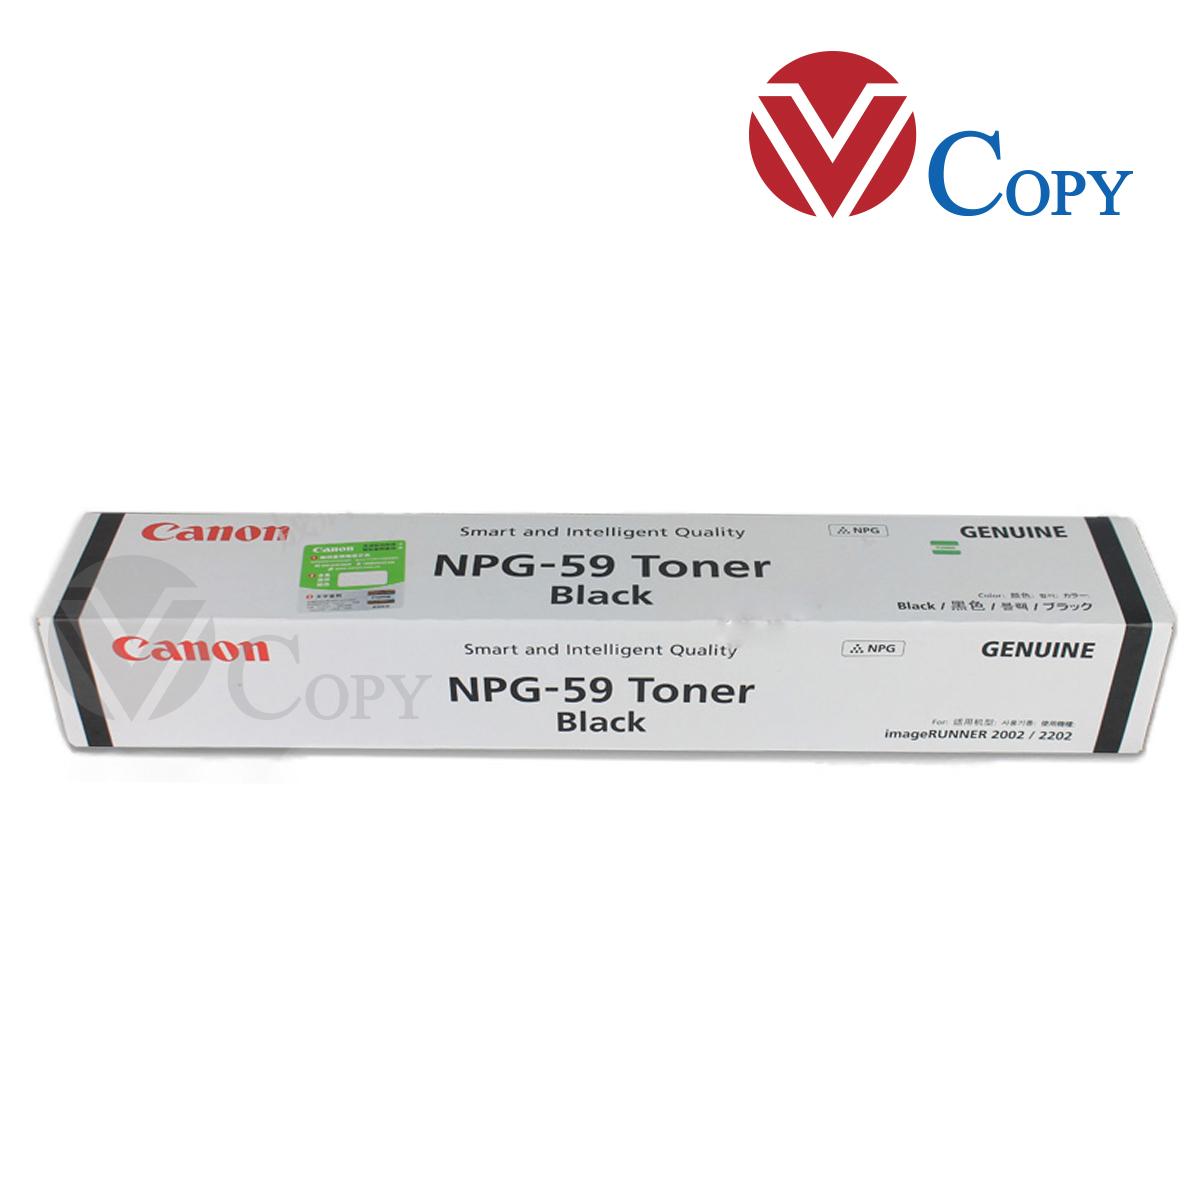 Mực Thương hiệu dùng cho máy Photocopy Canon IR2002/ IR 2202 (NPG59)